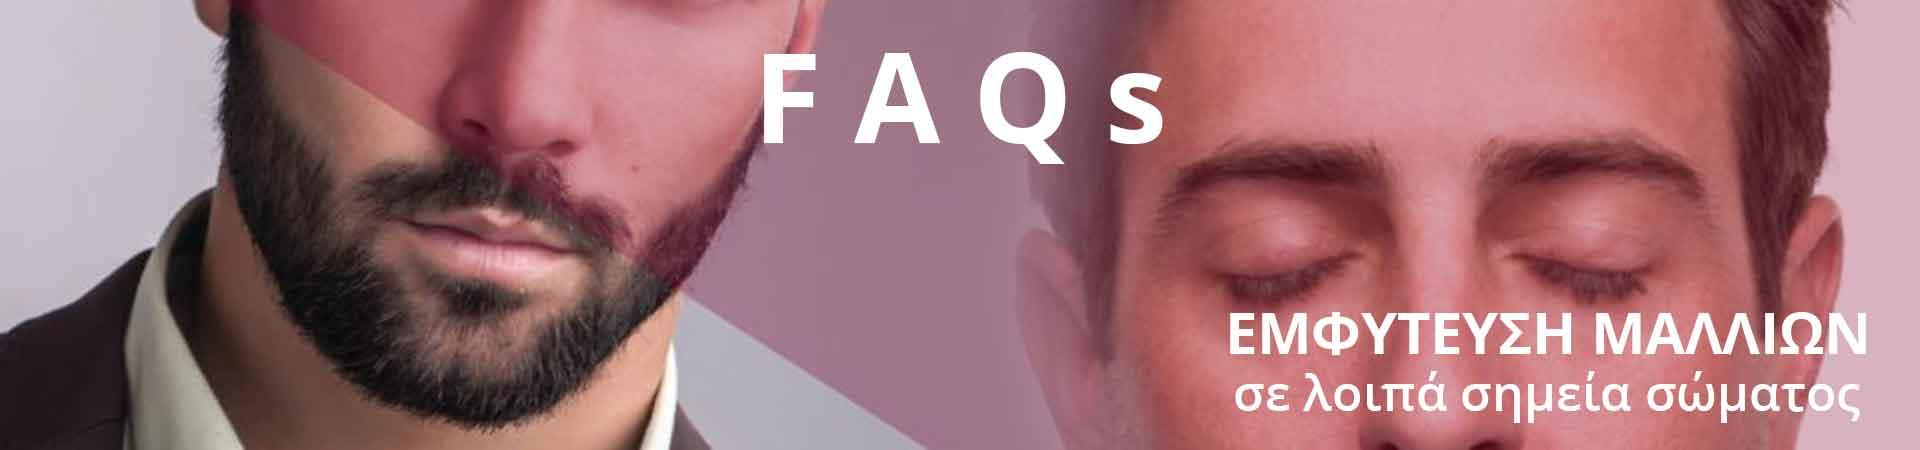 FAQs – Εμφυτευση Τριχων